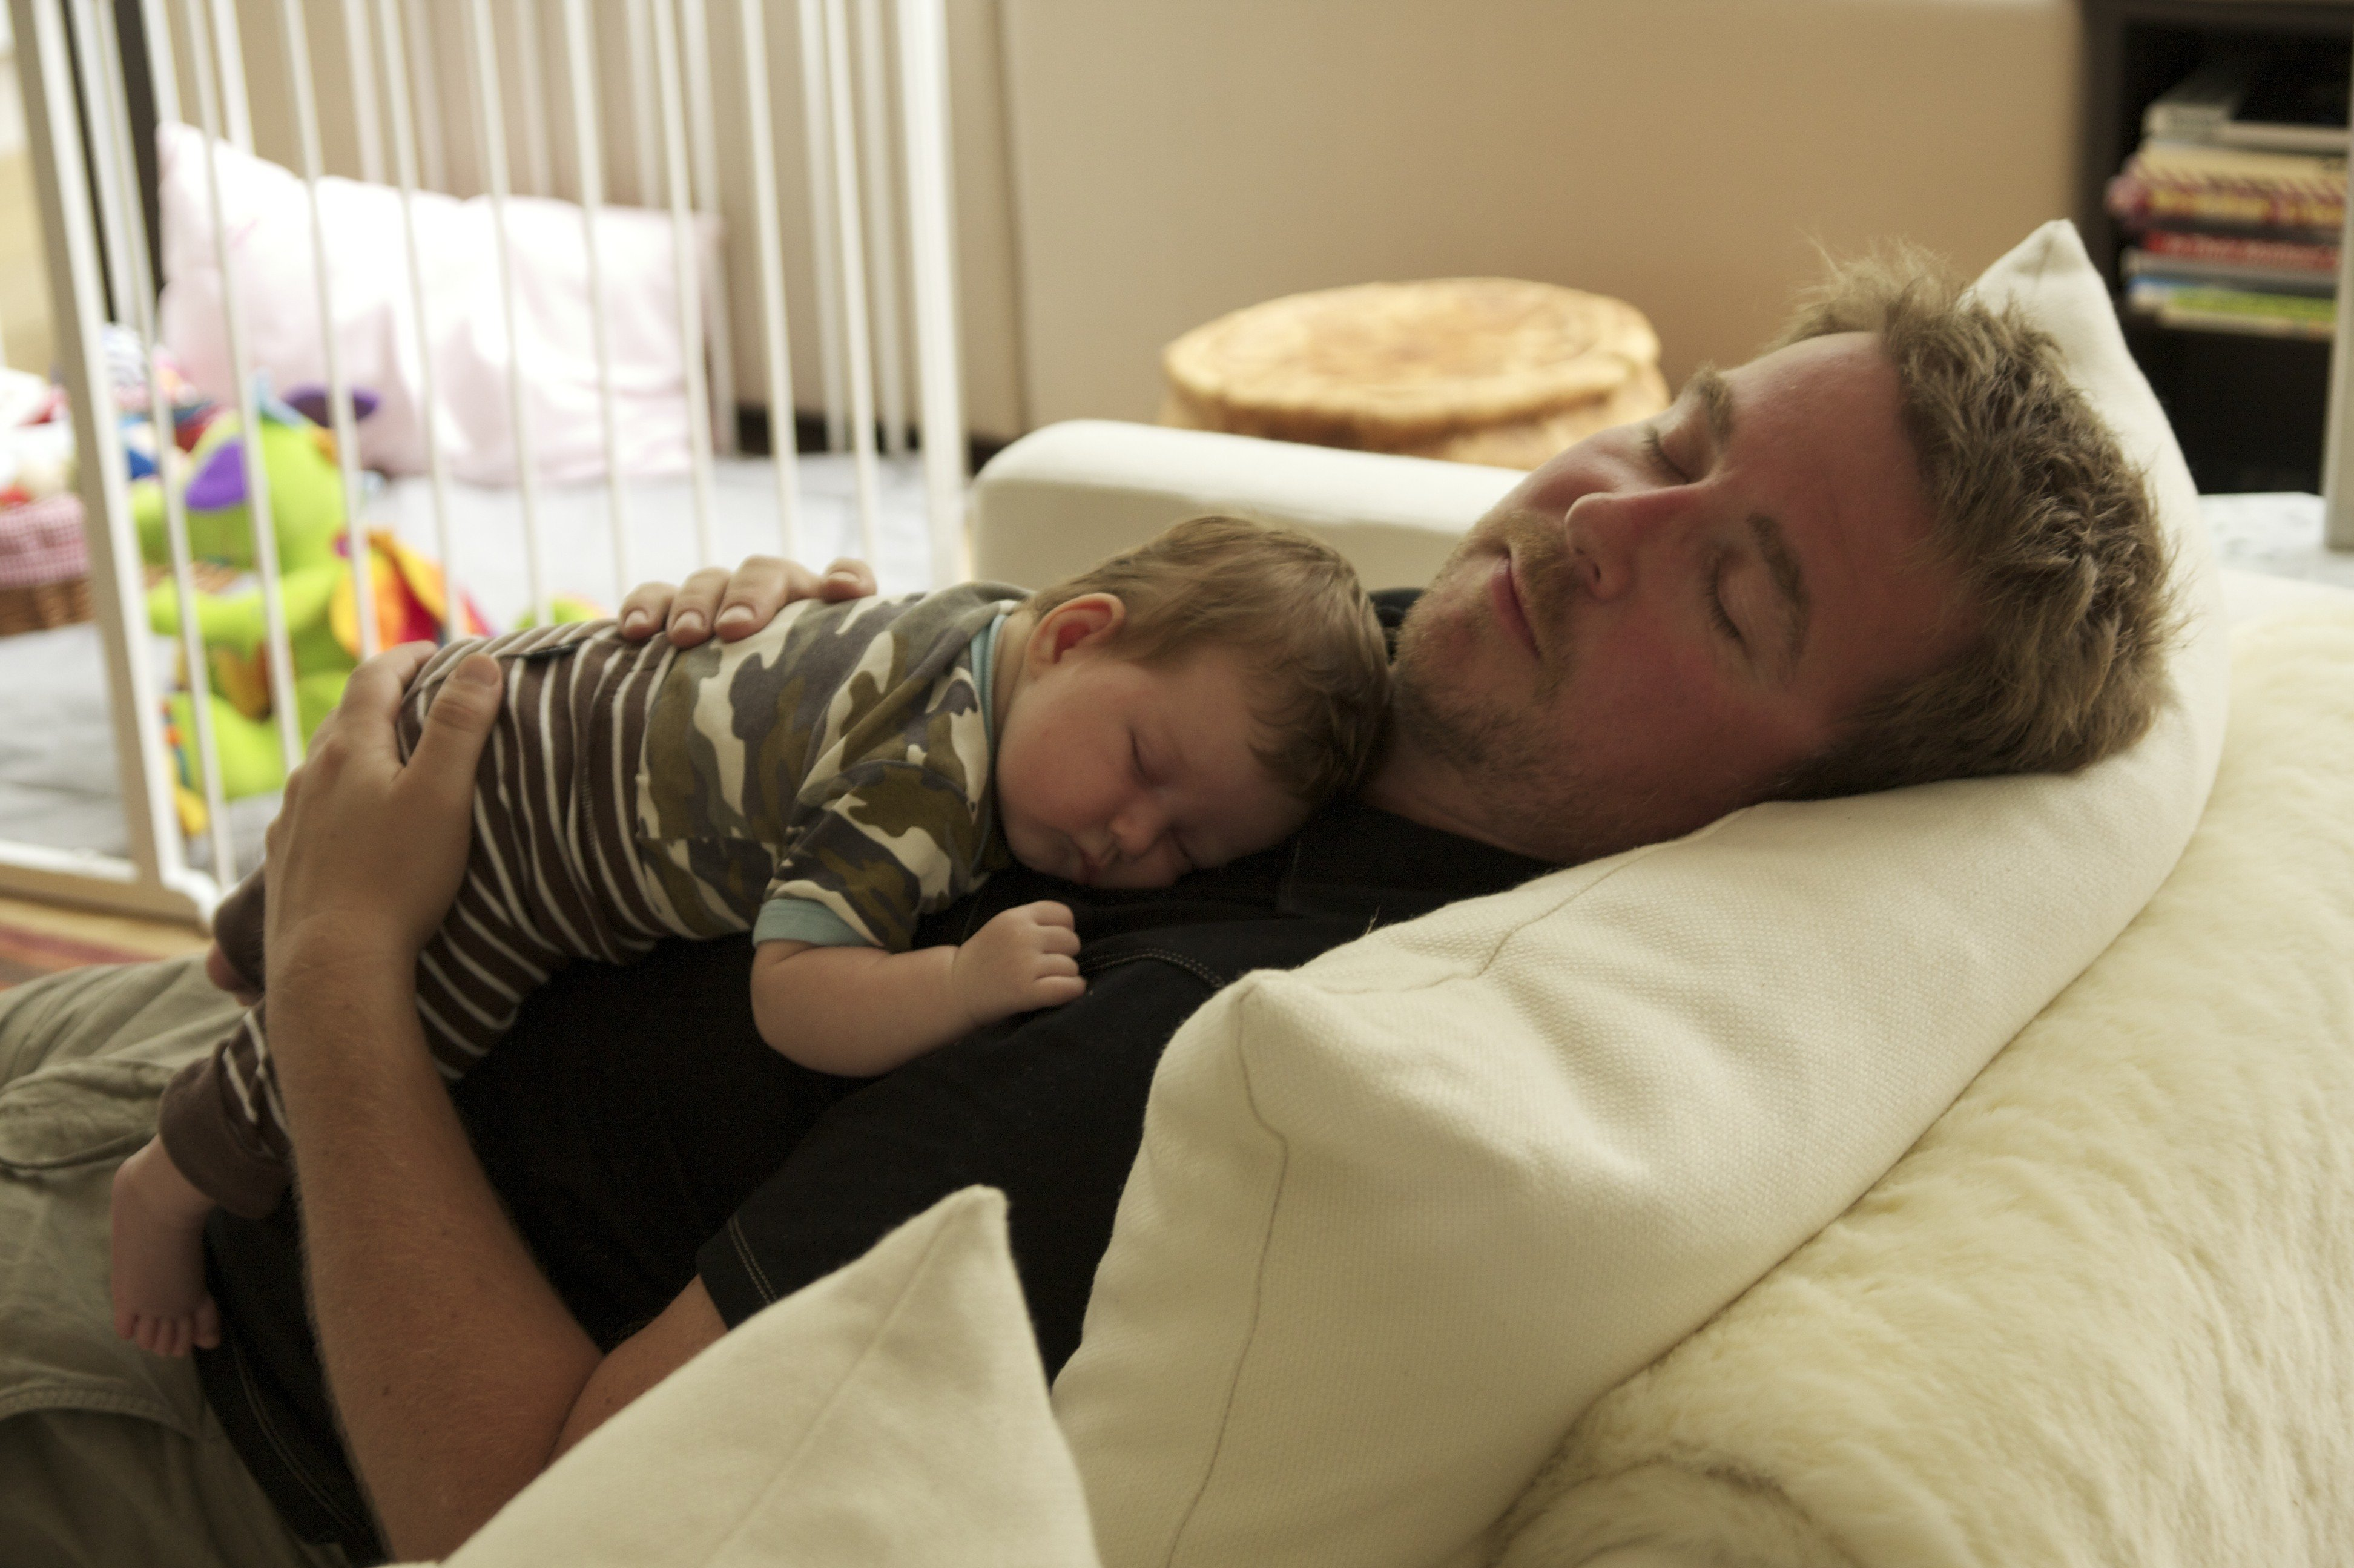 ¡Atención! Estos consejos, aparentemente, no funcionarán si tiene que cuidar de un bebé. Duerma cuando pueda.